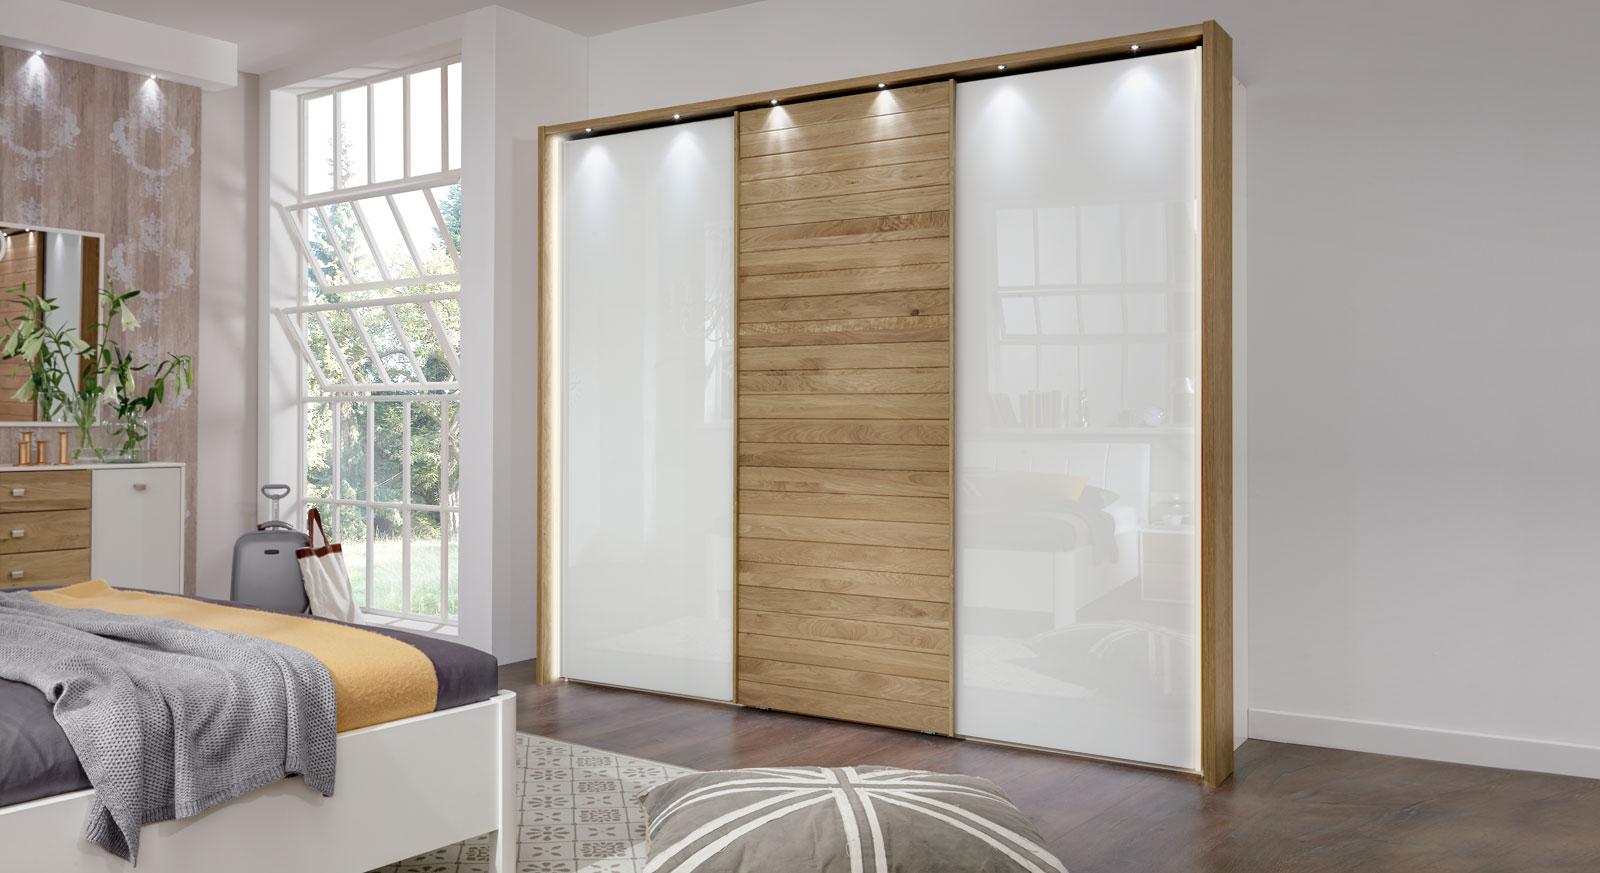 Schwebetüren-Kleiderschrank Koga mit Rahmen in Eichendekor und Beleuchtung